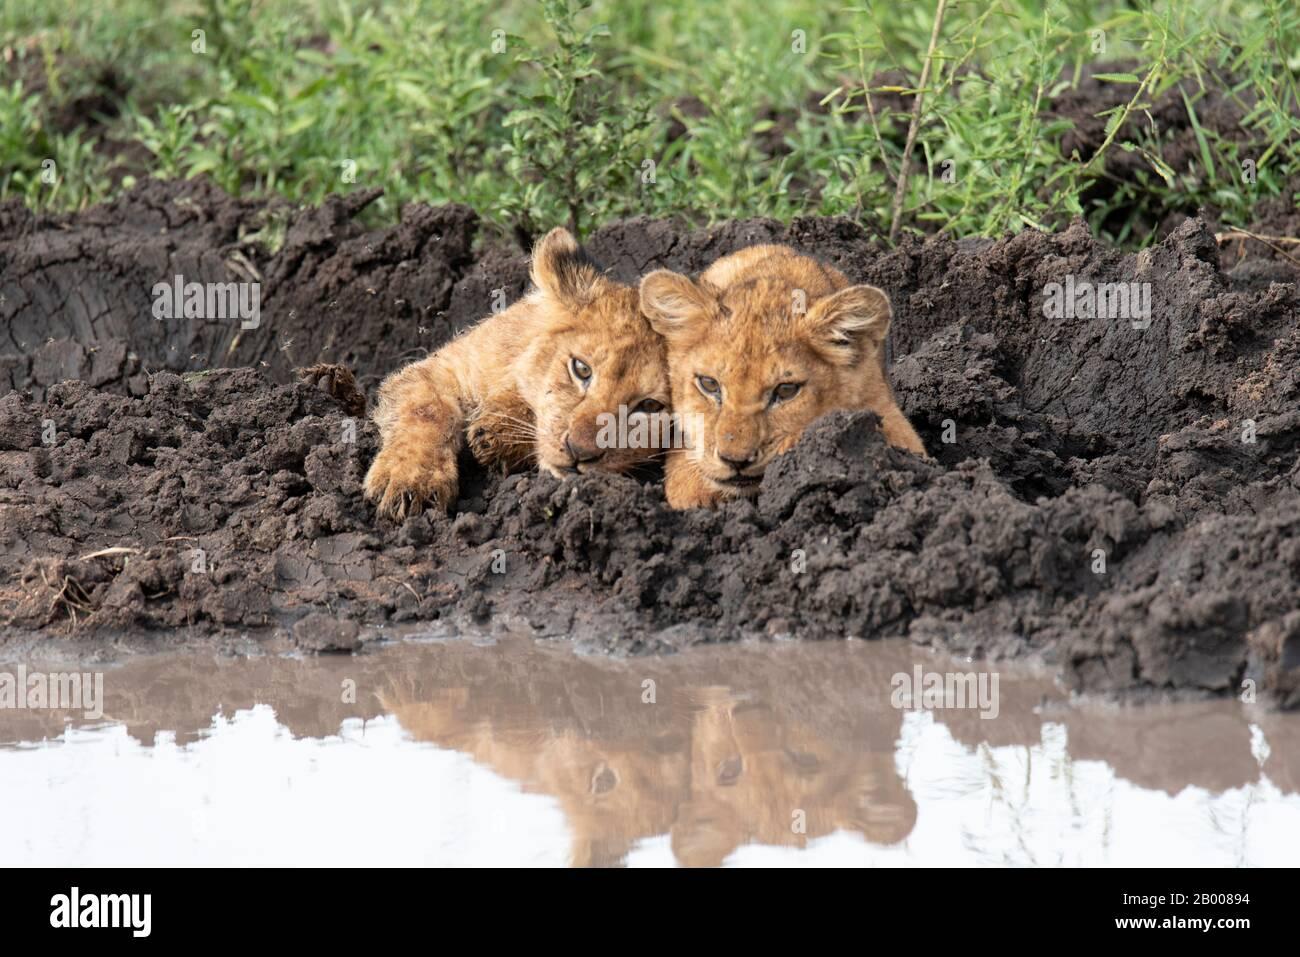 Estos cachorros de león son demasiado lindos Foto de stock